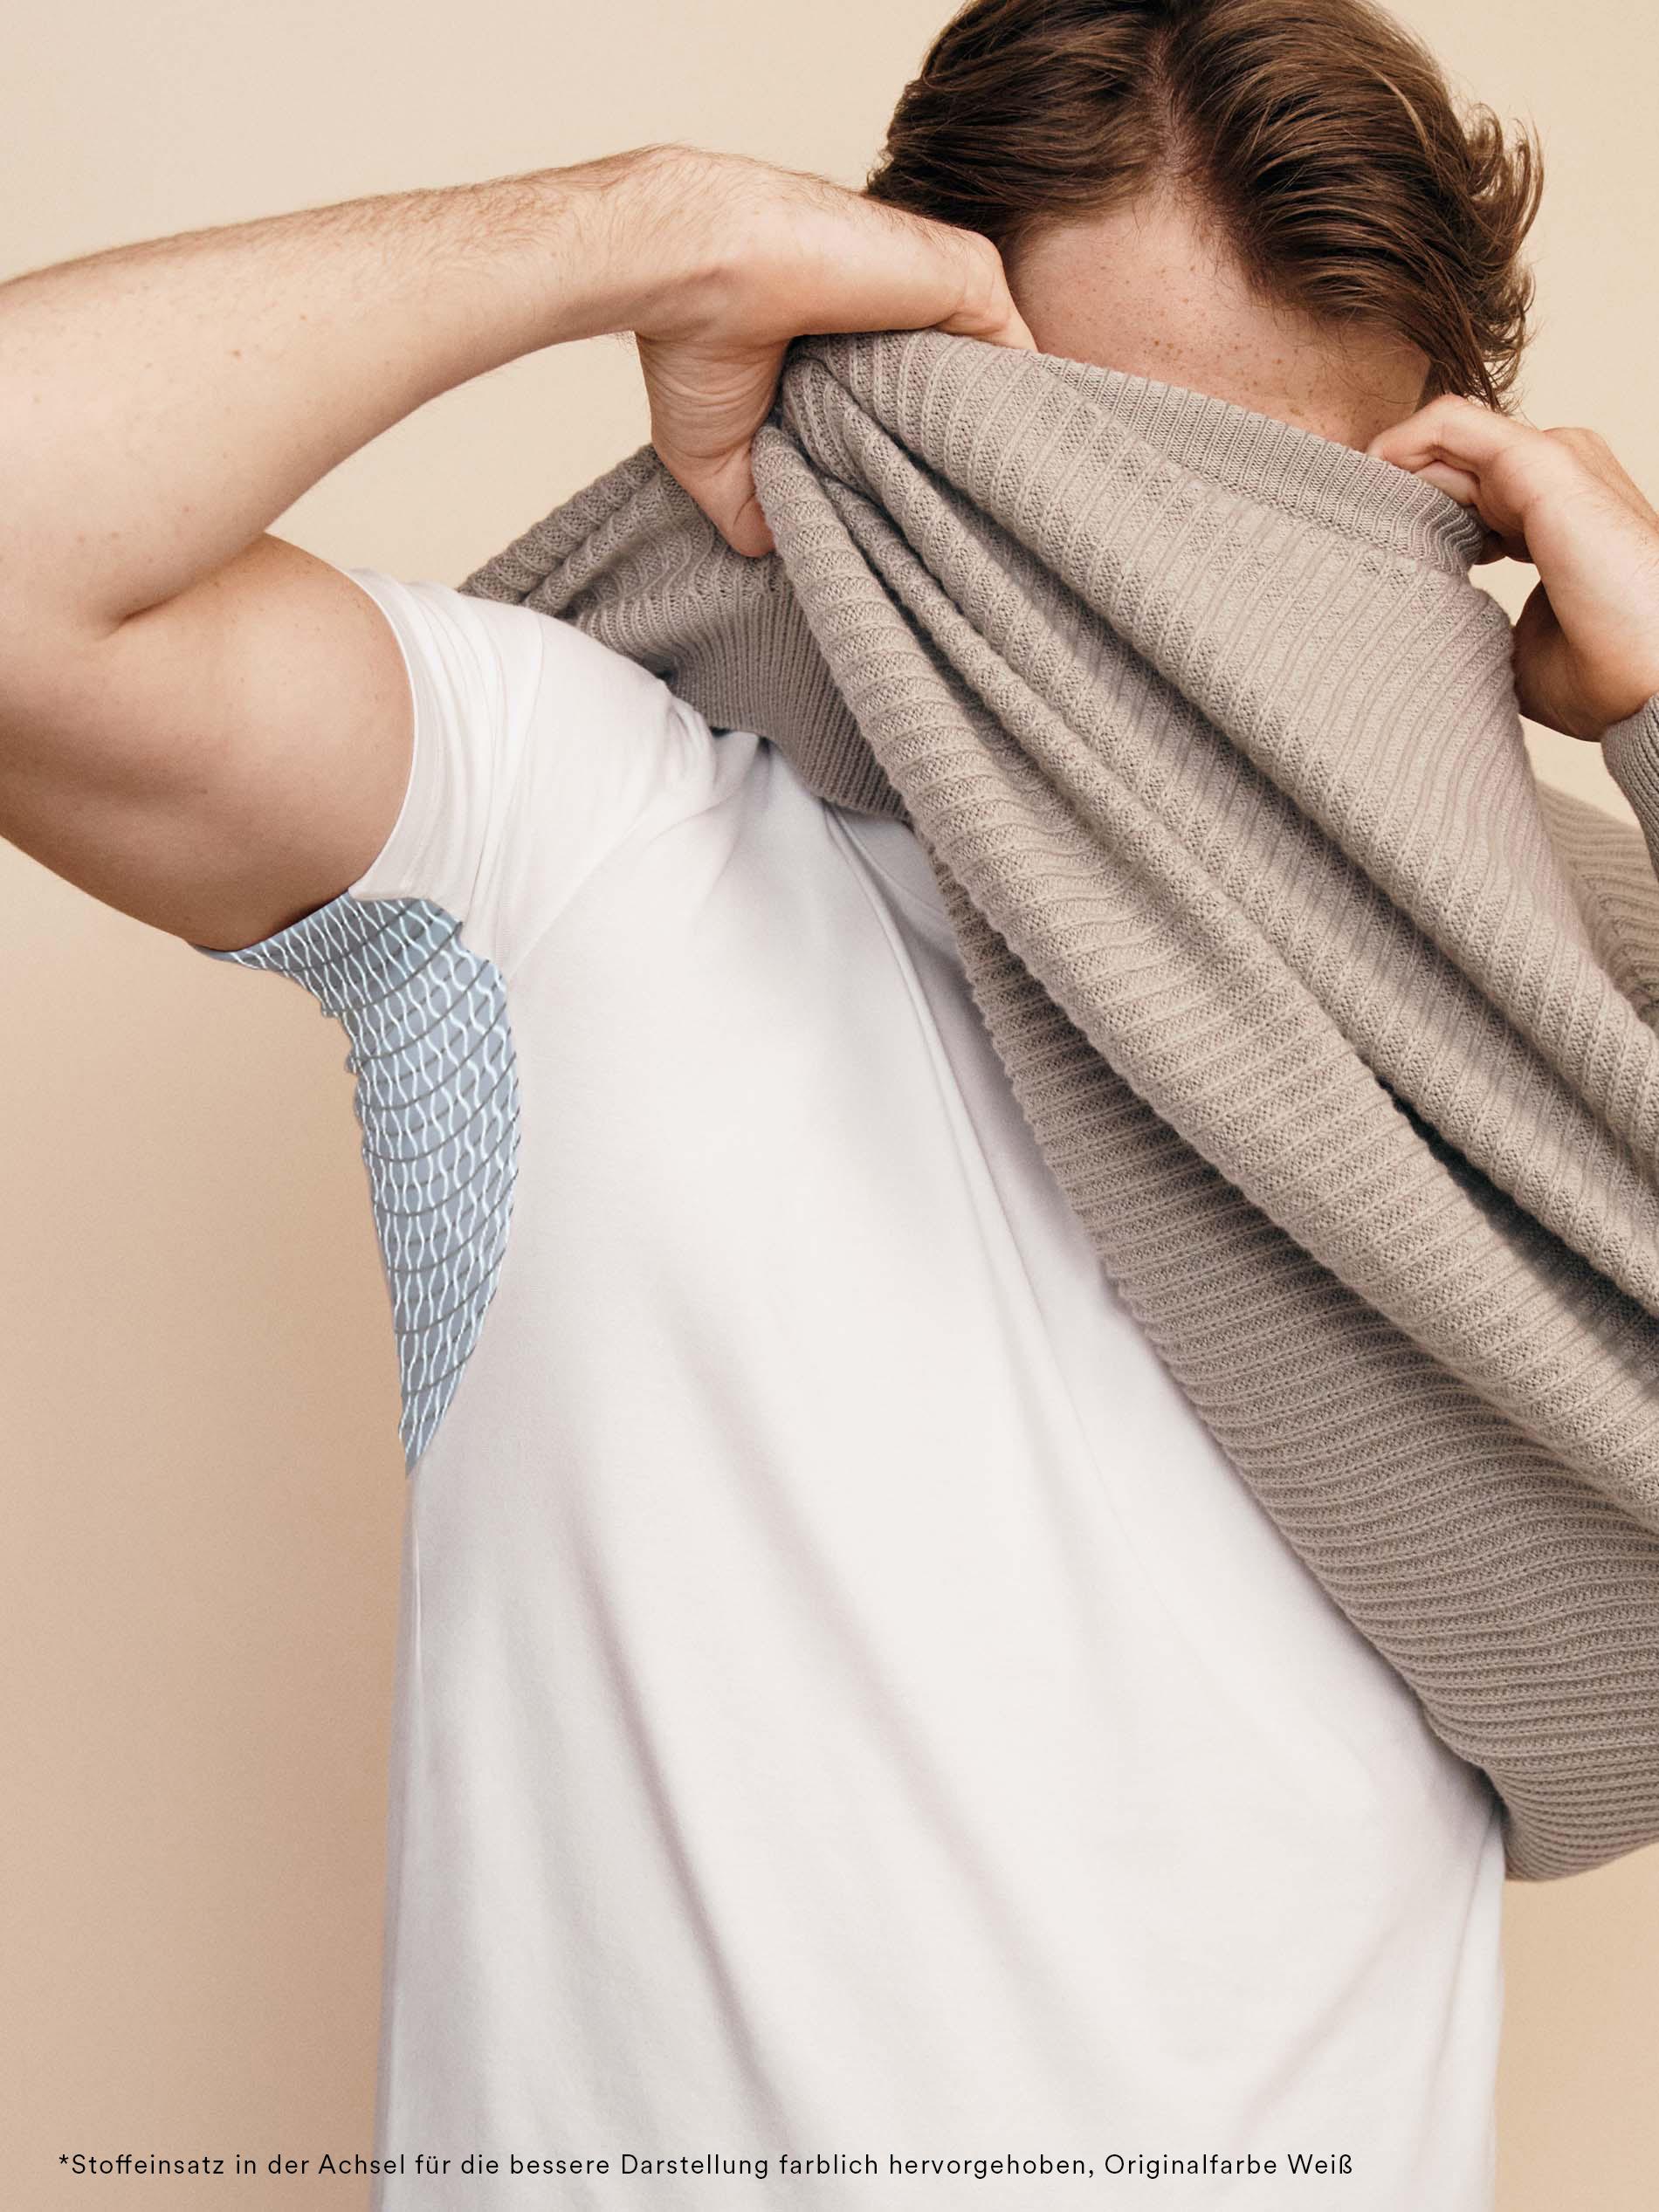 Modelbild mit Mann, der das Hybrid T-Shirt in der Farbe Weiß trägt und sich gerade einen beigen Pullover auszieht. Der Einsatz in der Achsel ist farblich hervorgehoben | mey®